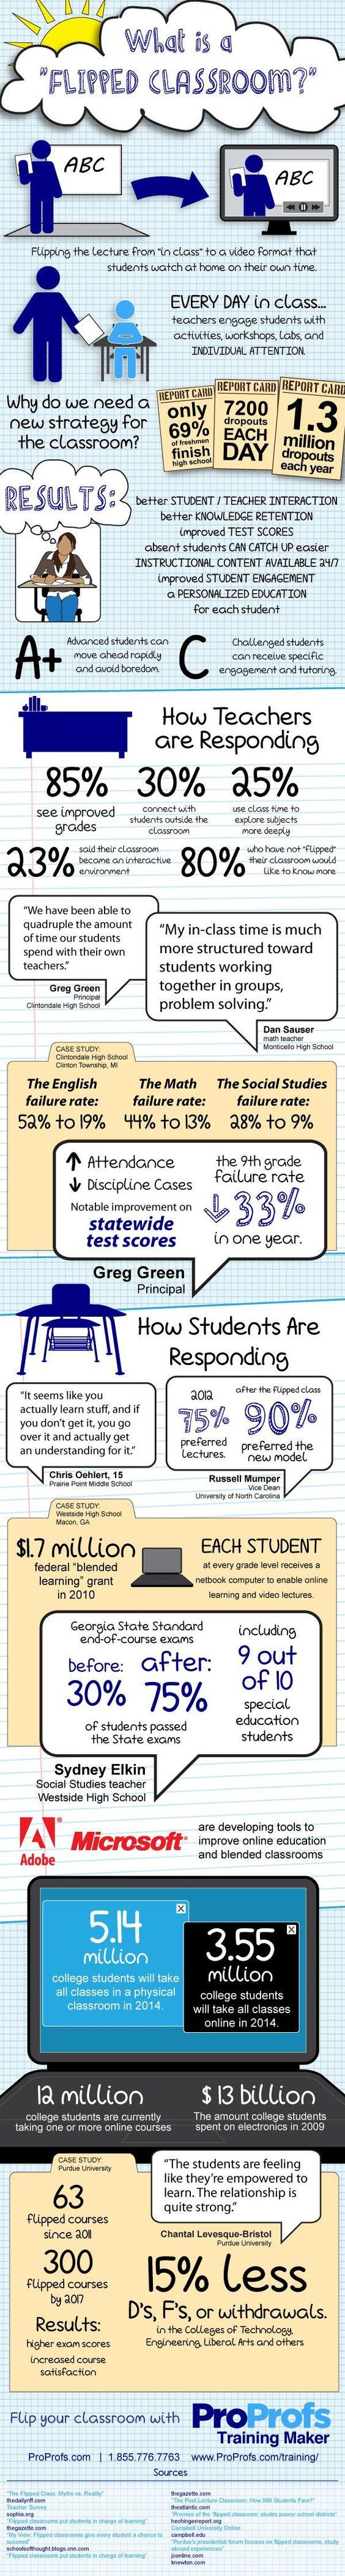 What is a flipped classroom? Descripción detallada de los pasos a seguir para llevar a cabo el enfoque FLIPPED CLASSROOM.